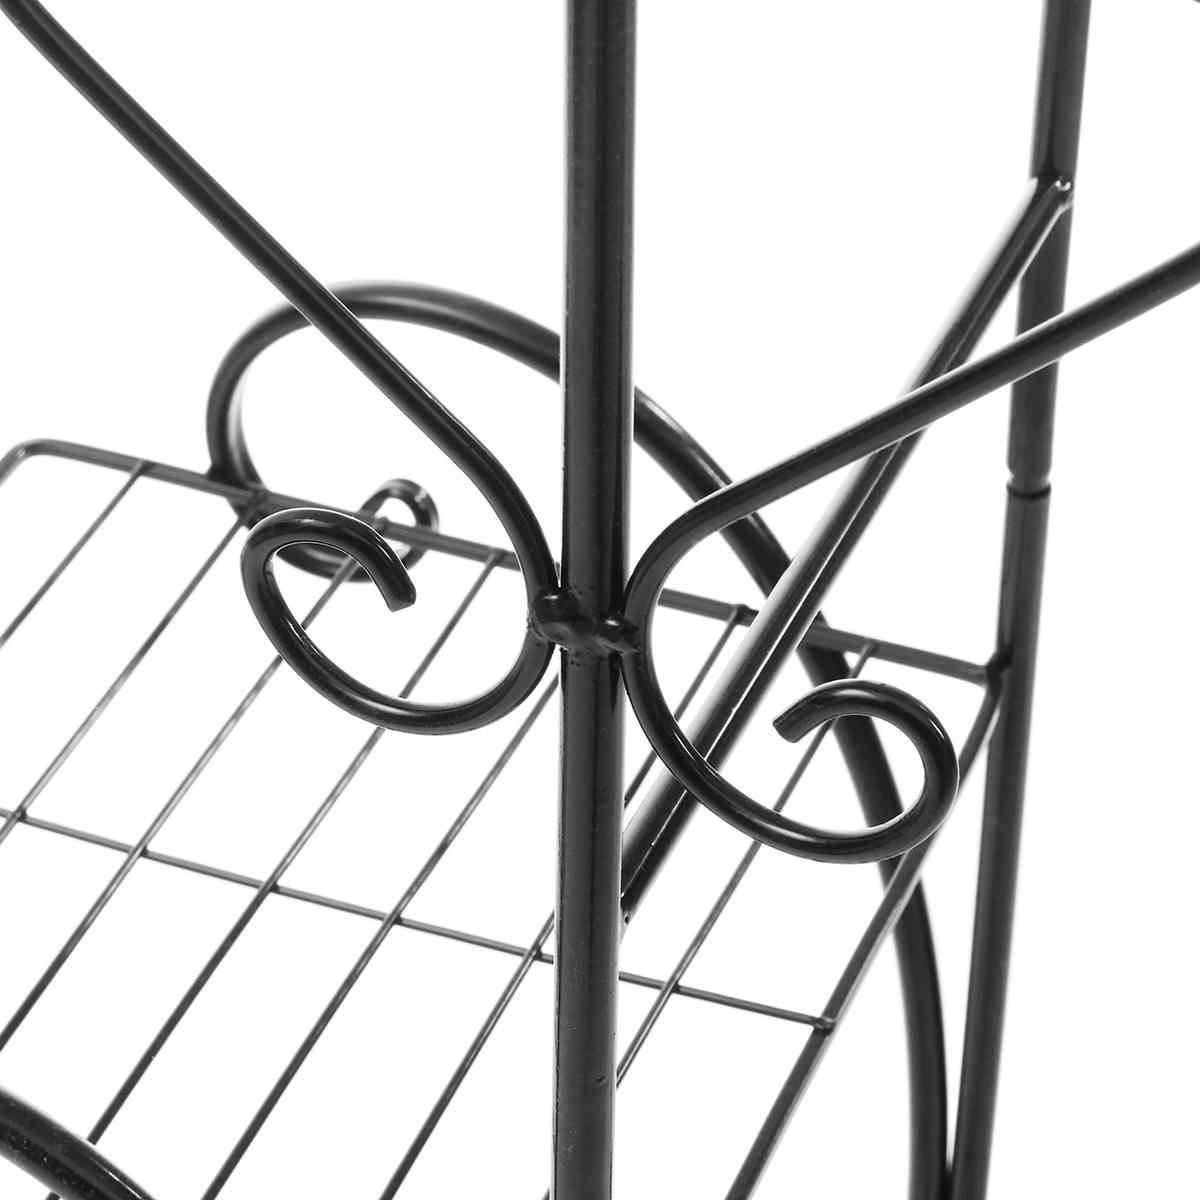 4 層メタル植物スタンド陳列棚ホルダー装飾ガーデンバルコニー植木鉢棚家の装飾のために/屋外オフィス職場